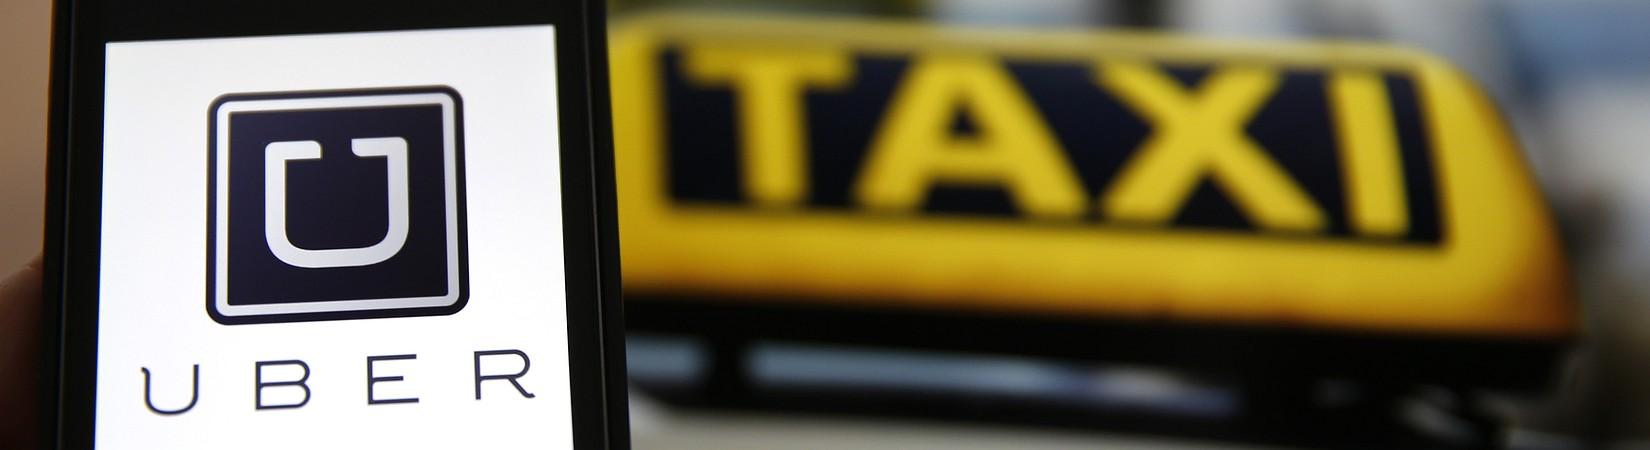 Las pérdidas de Uber para 2016 podrían ascender a 3.000 millones de dólares